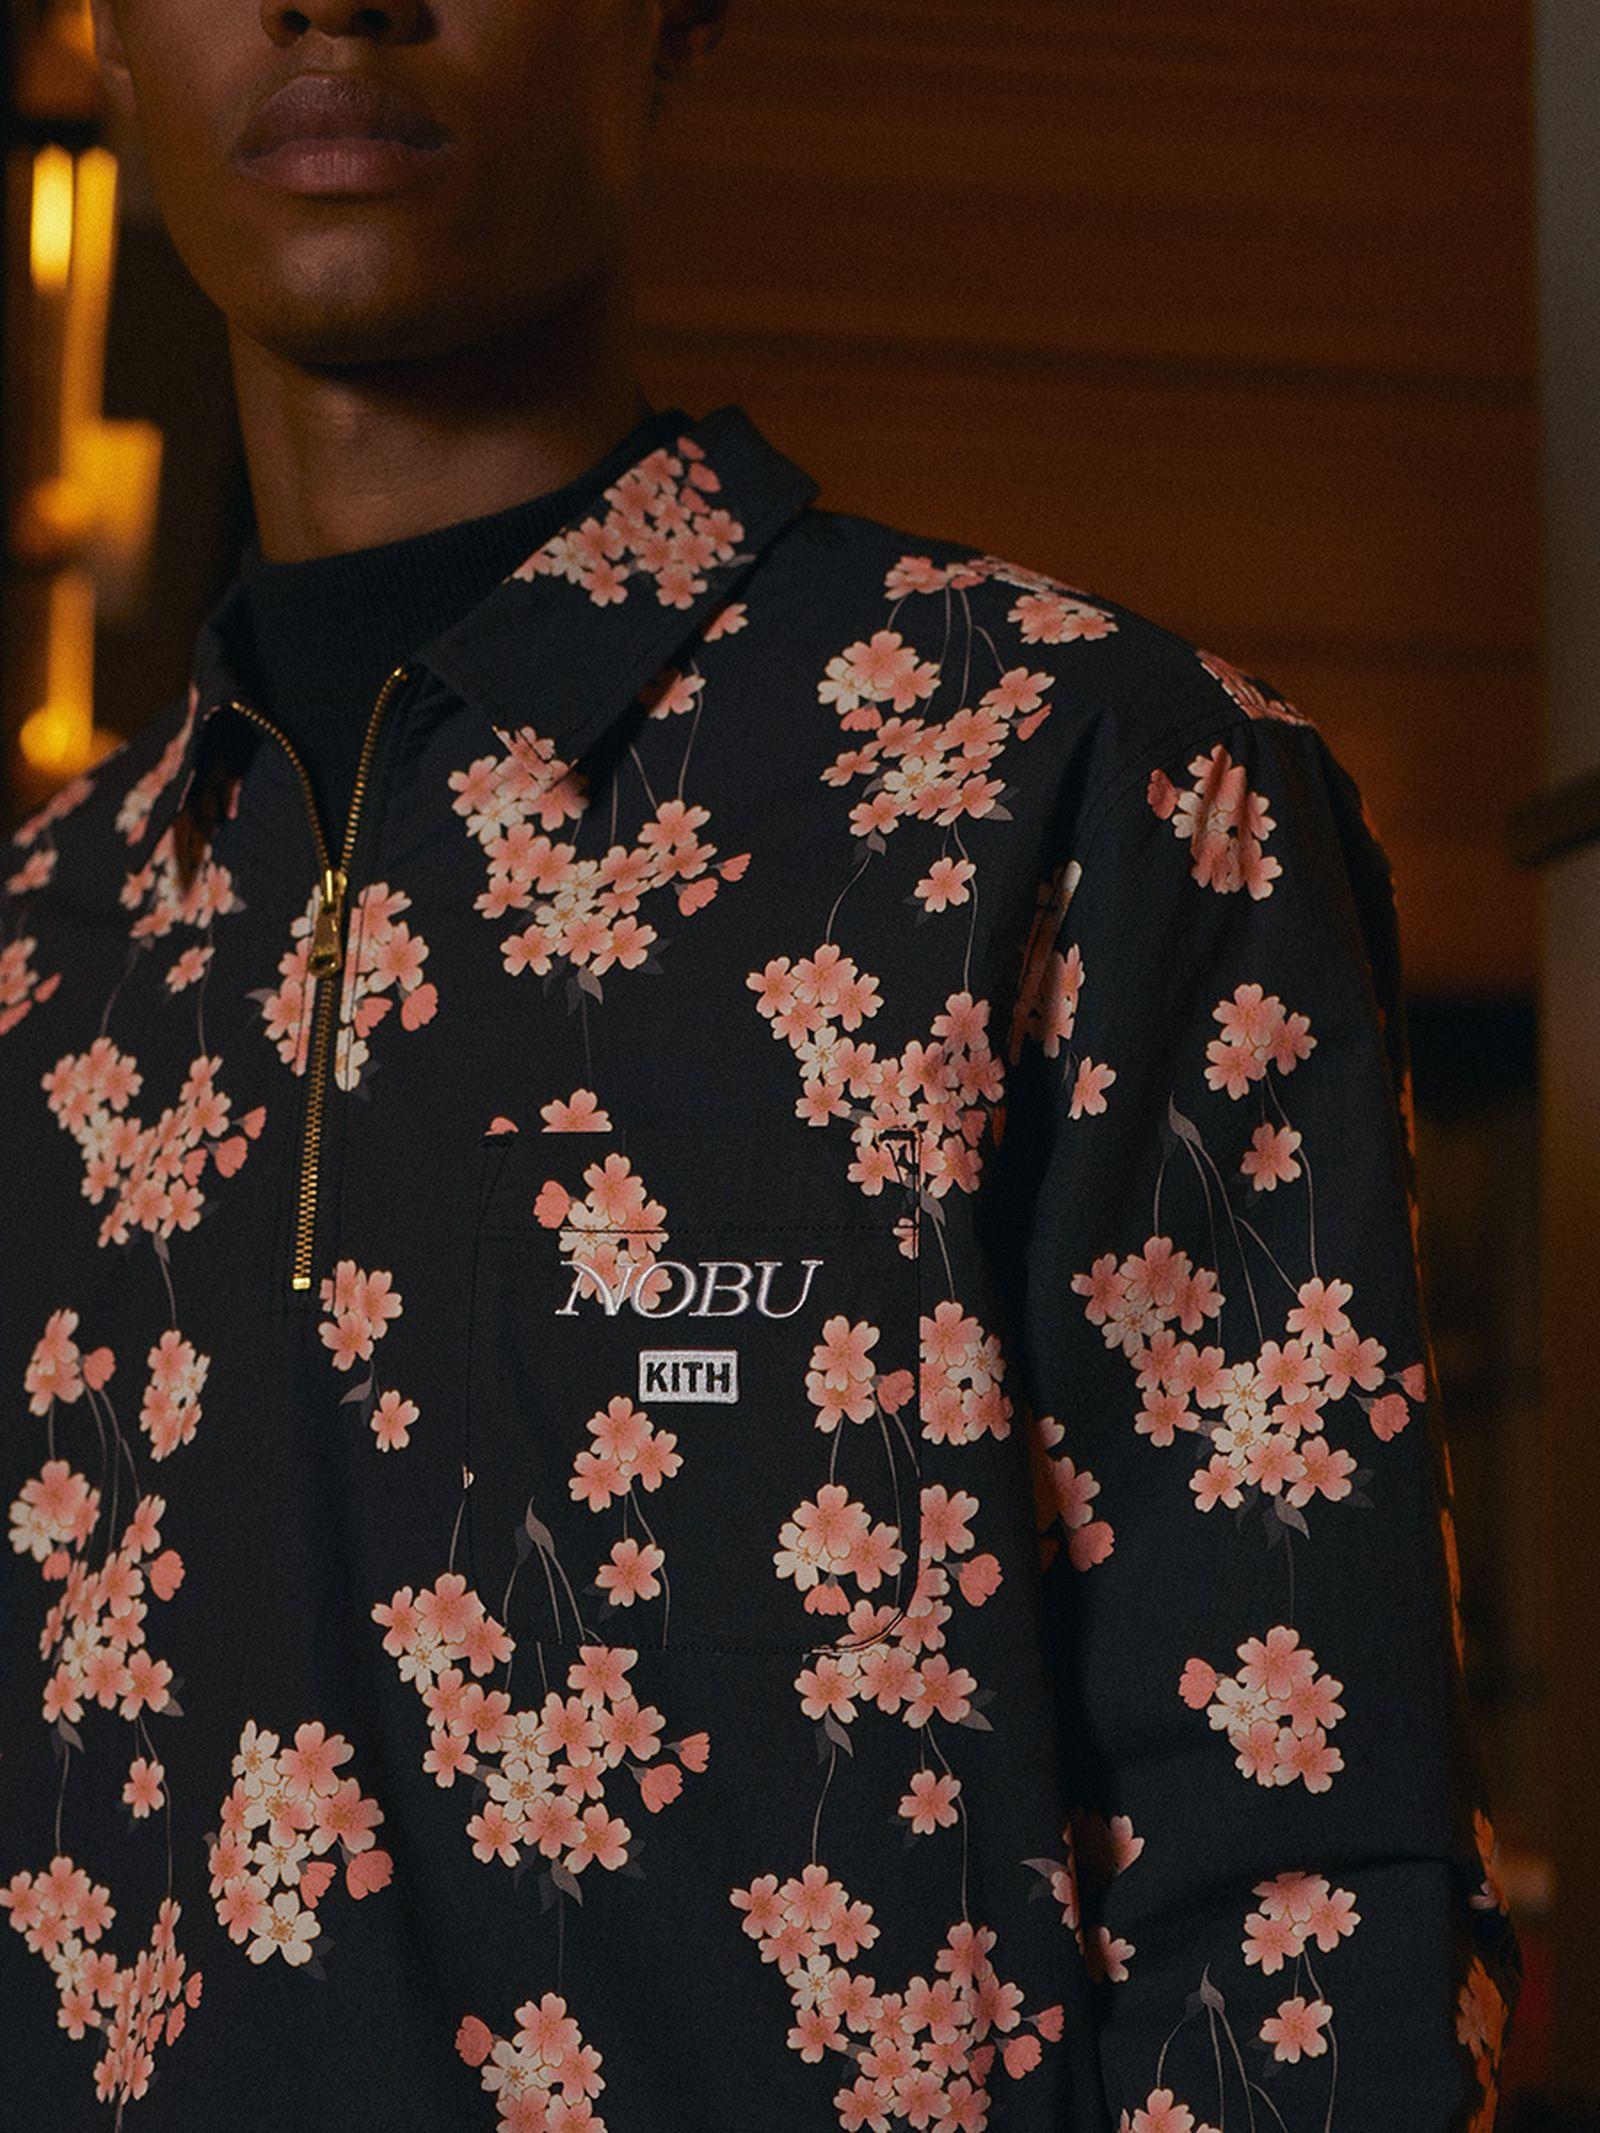 KITH Nobu shirt